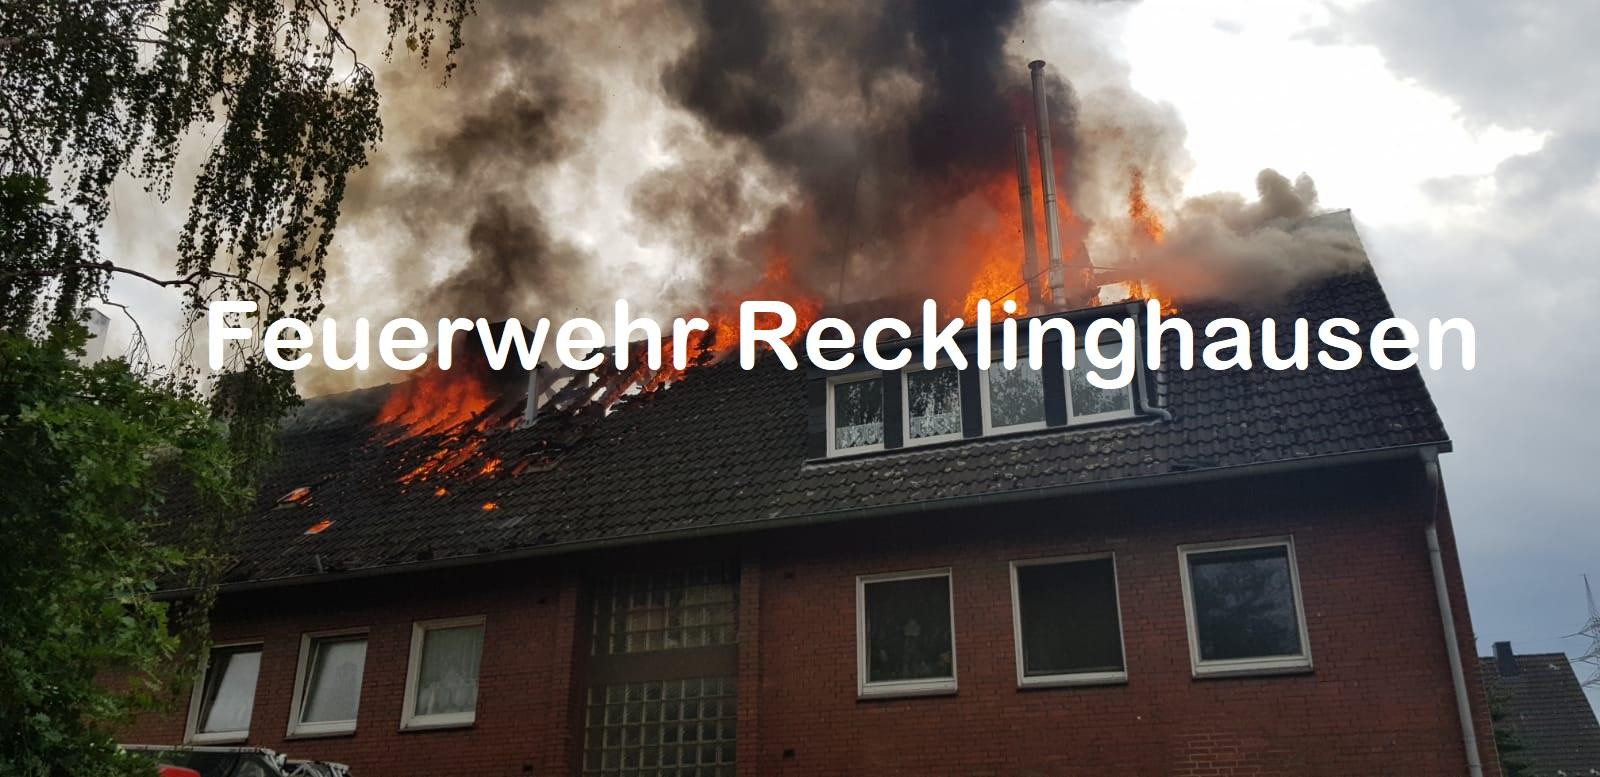 Der Dachstuhlbrand hat sich bei Eintreffen der Feuerwehr bereits ausgebreitet